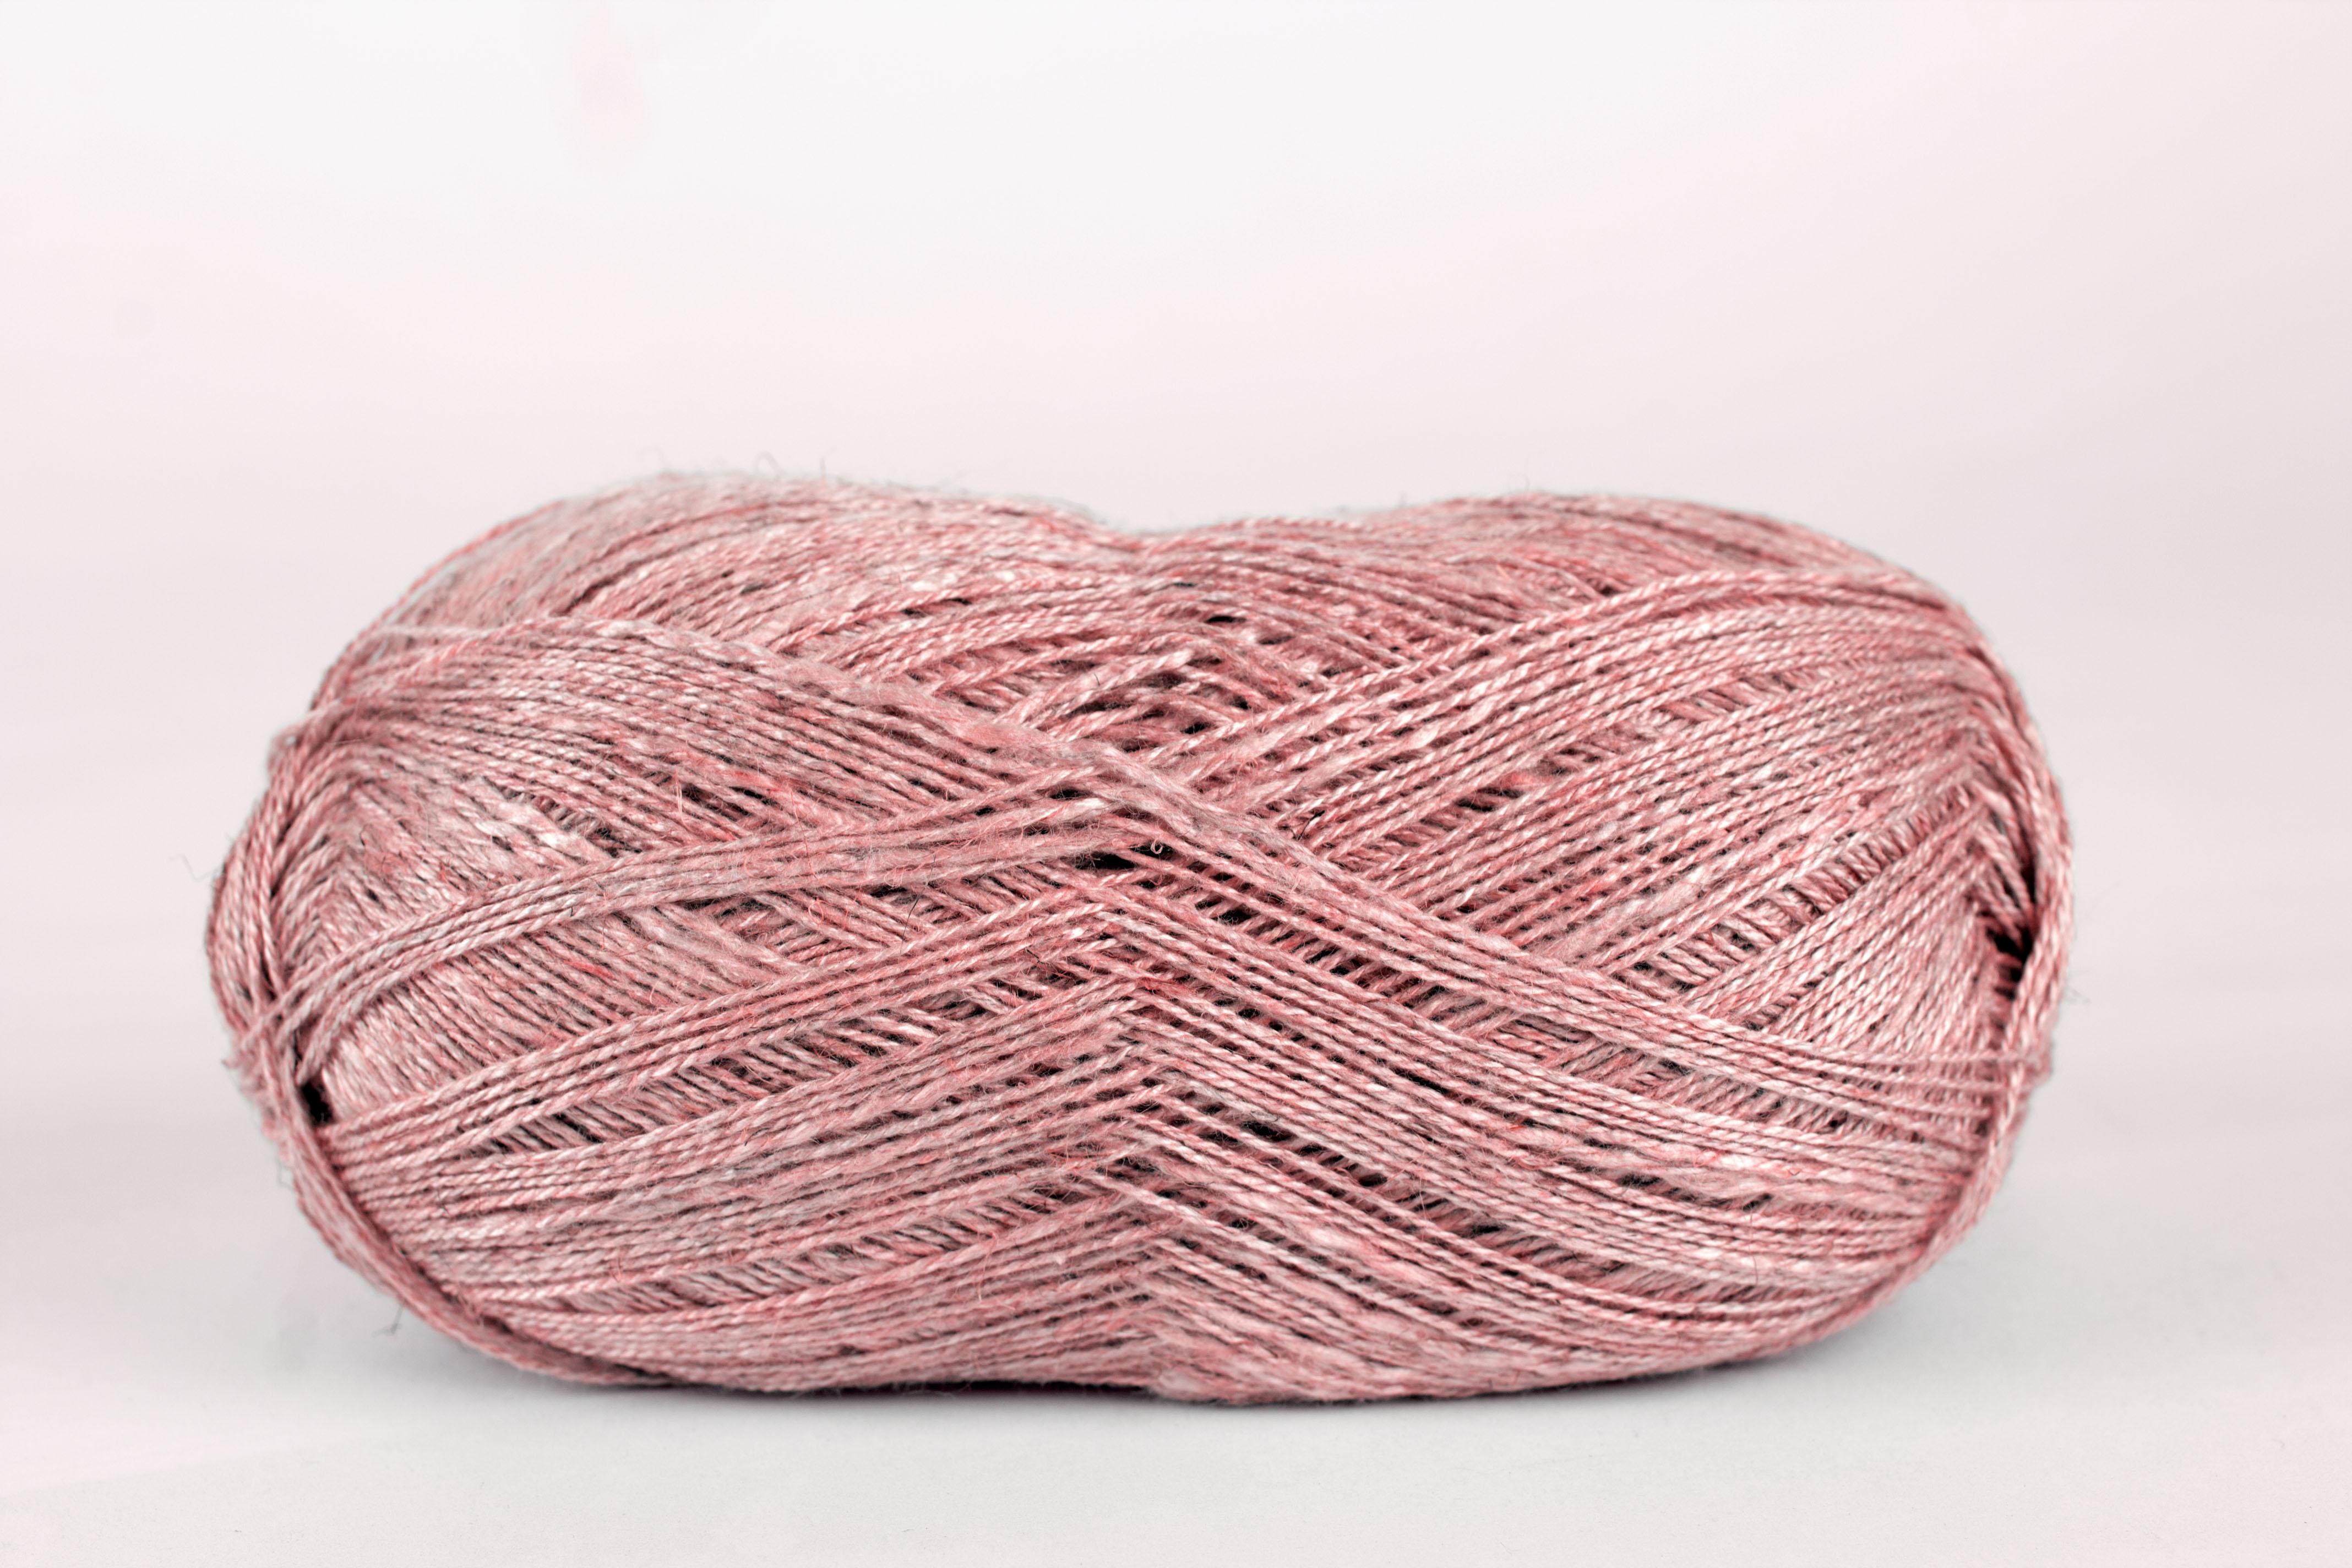 Résultats de recherche d'images pour «Borgo de pazzi fresco pink»